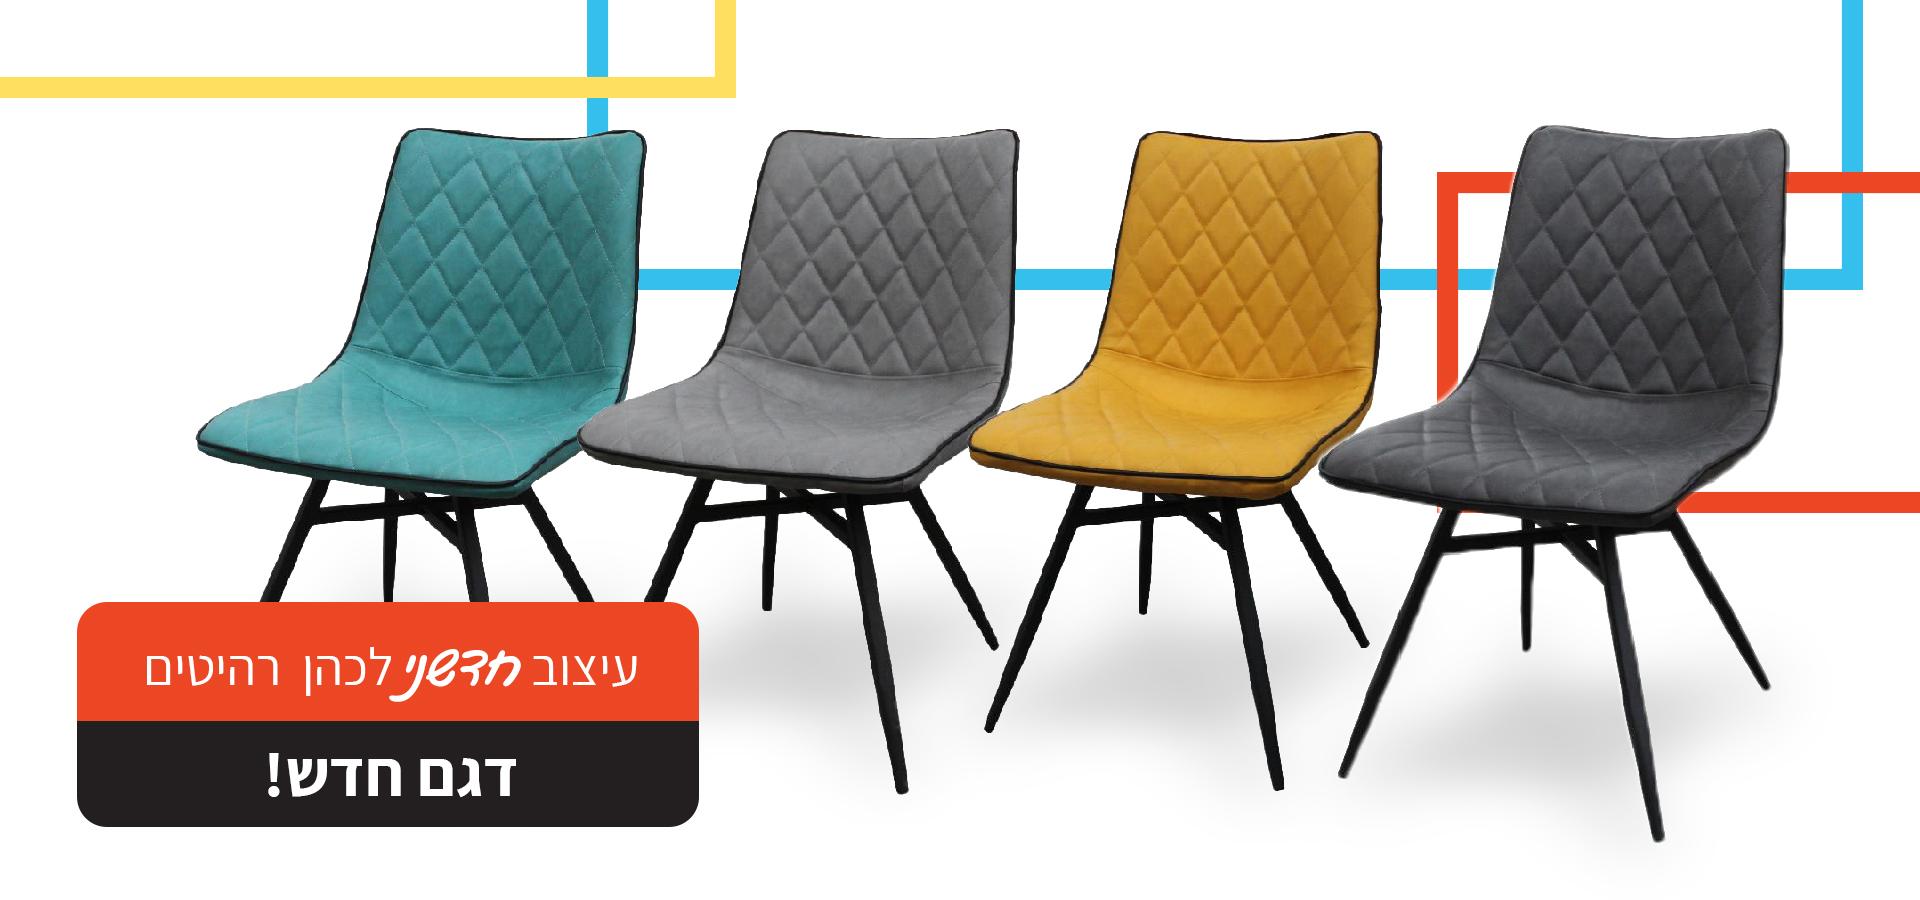 כהן רהיטים קולקציה חדשה של כסאות